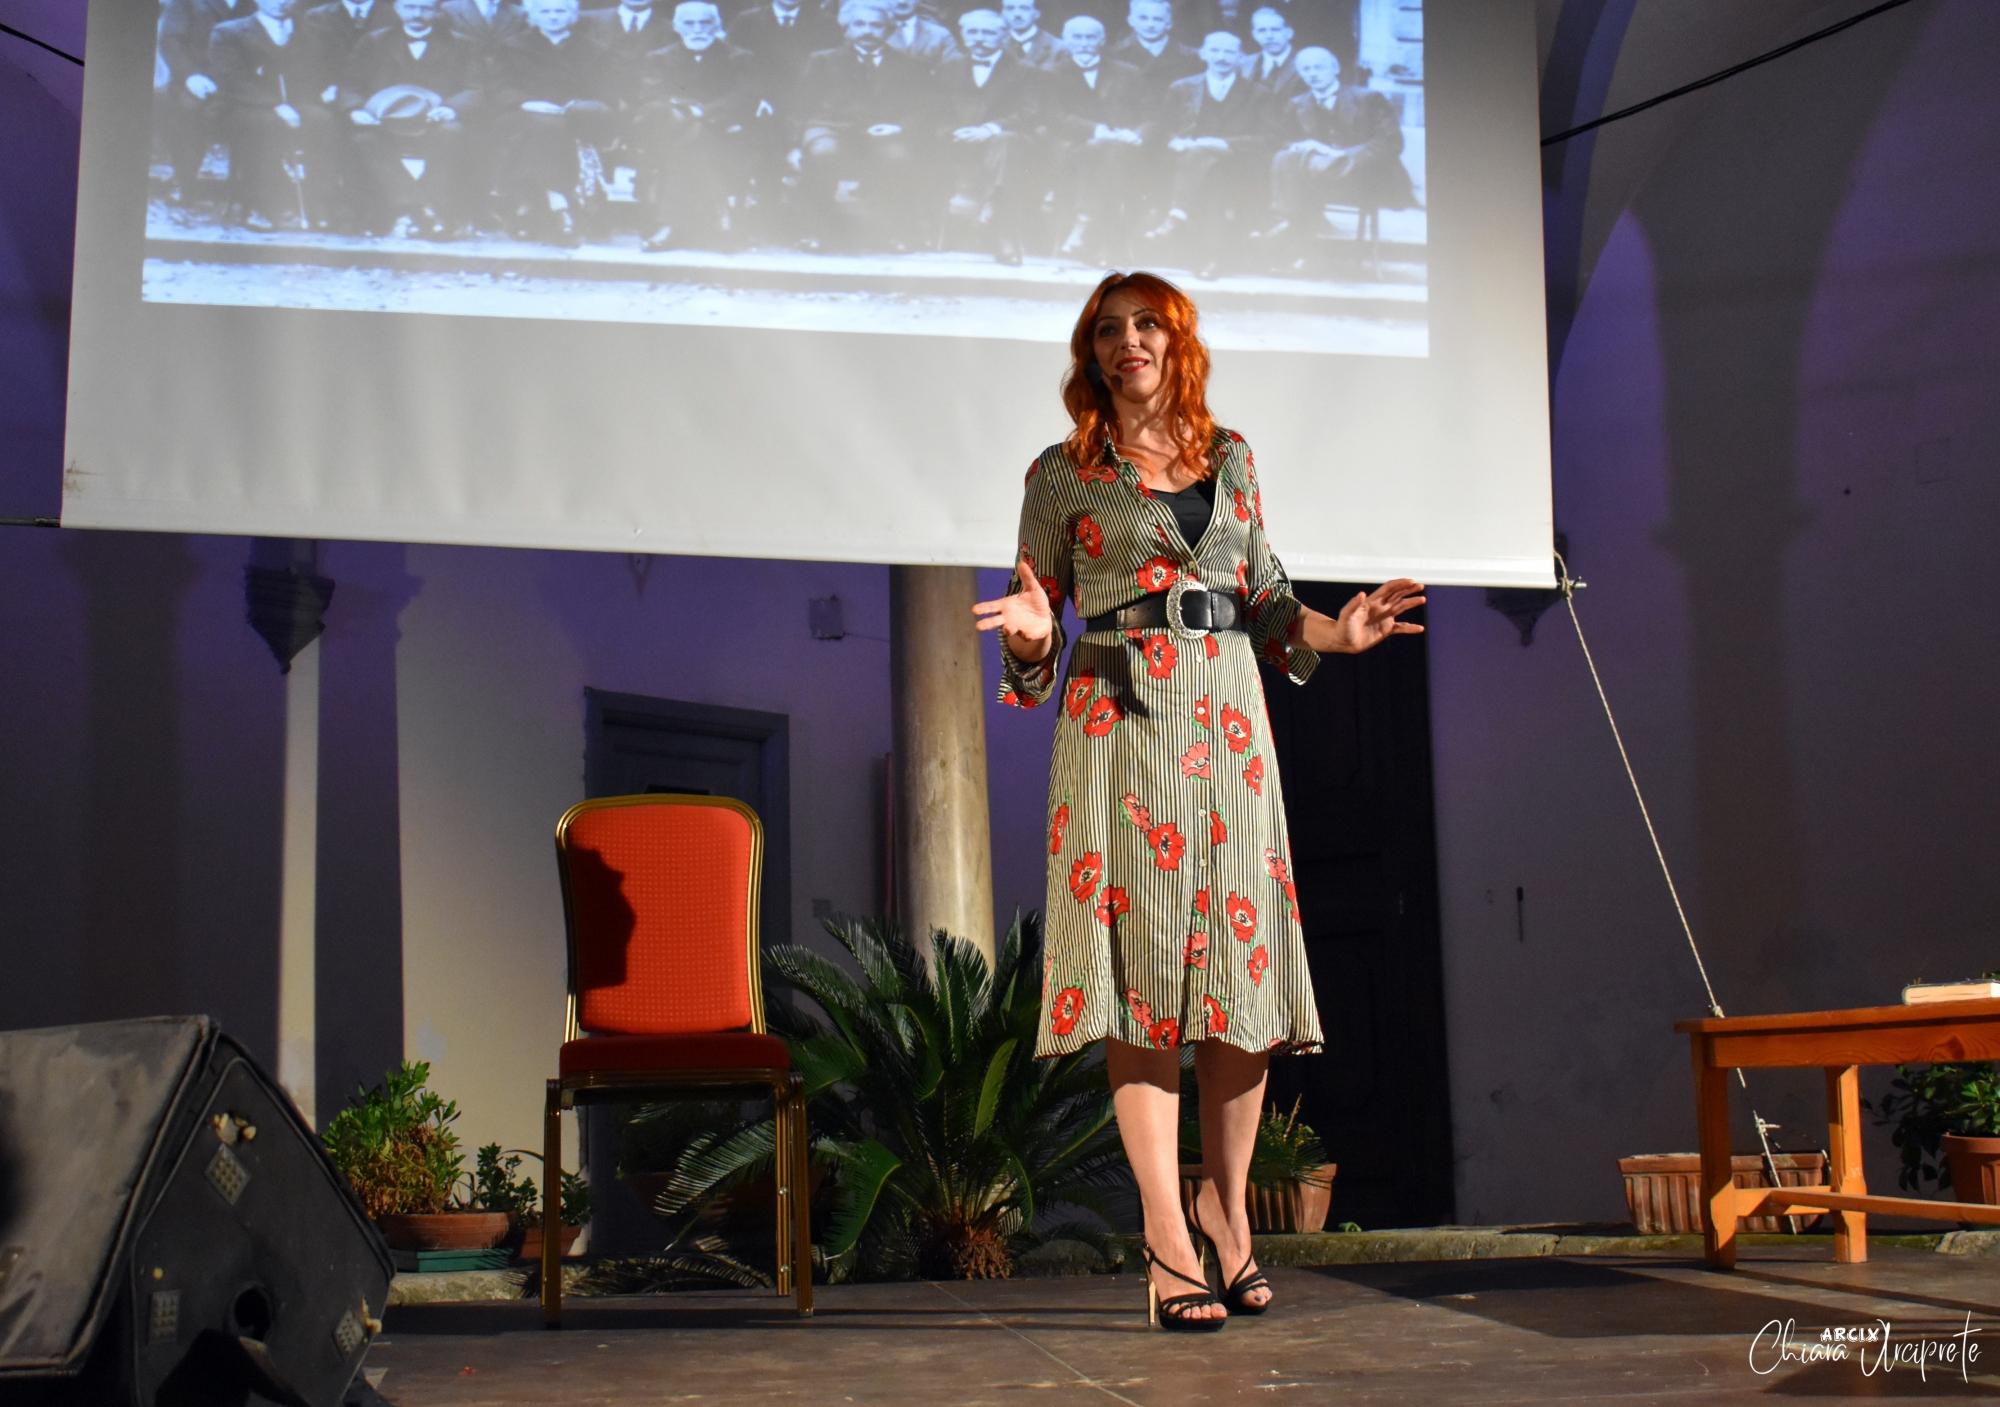 Il racconto delle due serate con i miei monologhi, a Matera (durante la Notte Europea dei Ricercatori) e a Napoli…